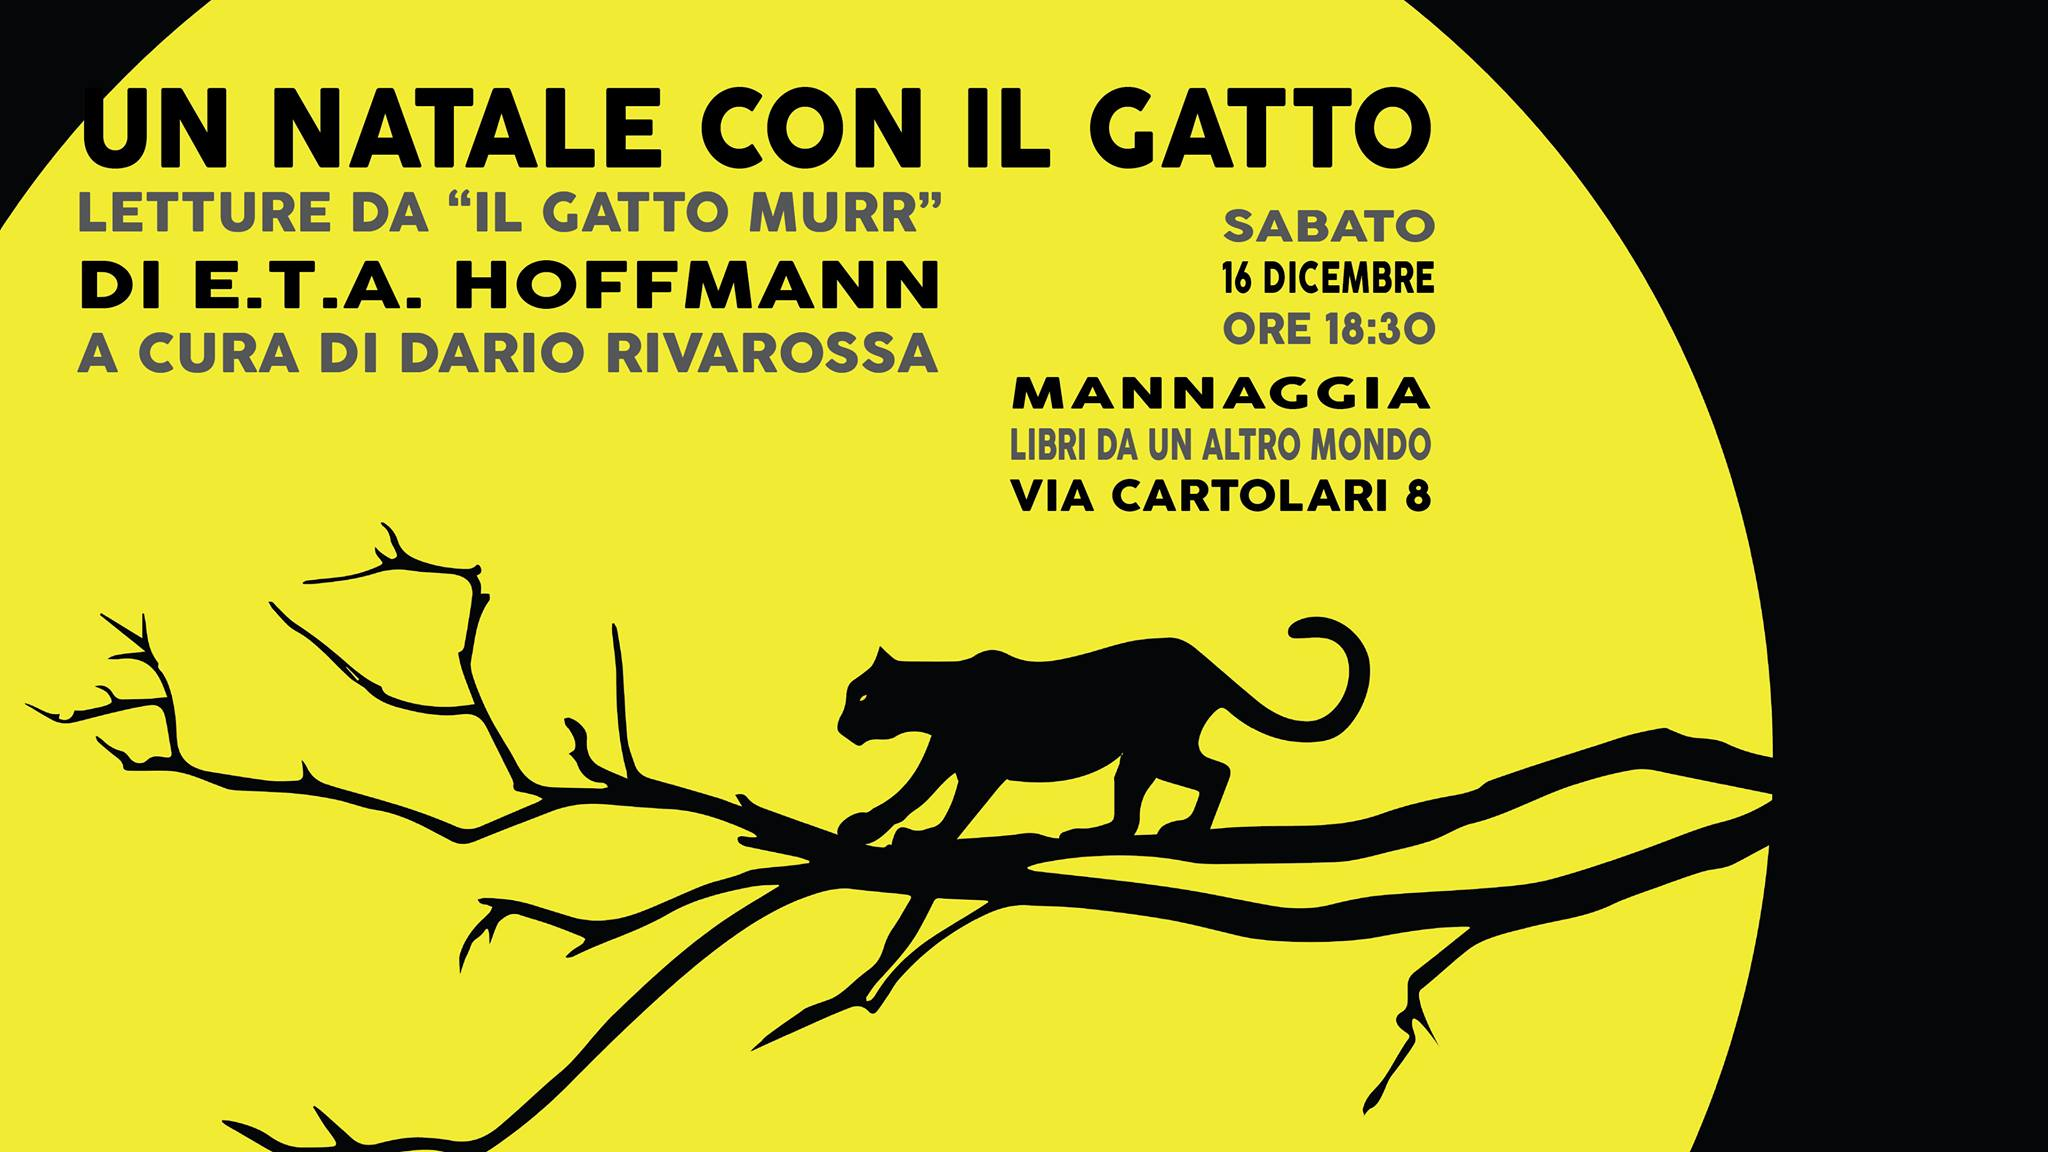 """Un Natale con il gatto - Letture da """"Il gatto Murr"""" di Hoffmann"""